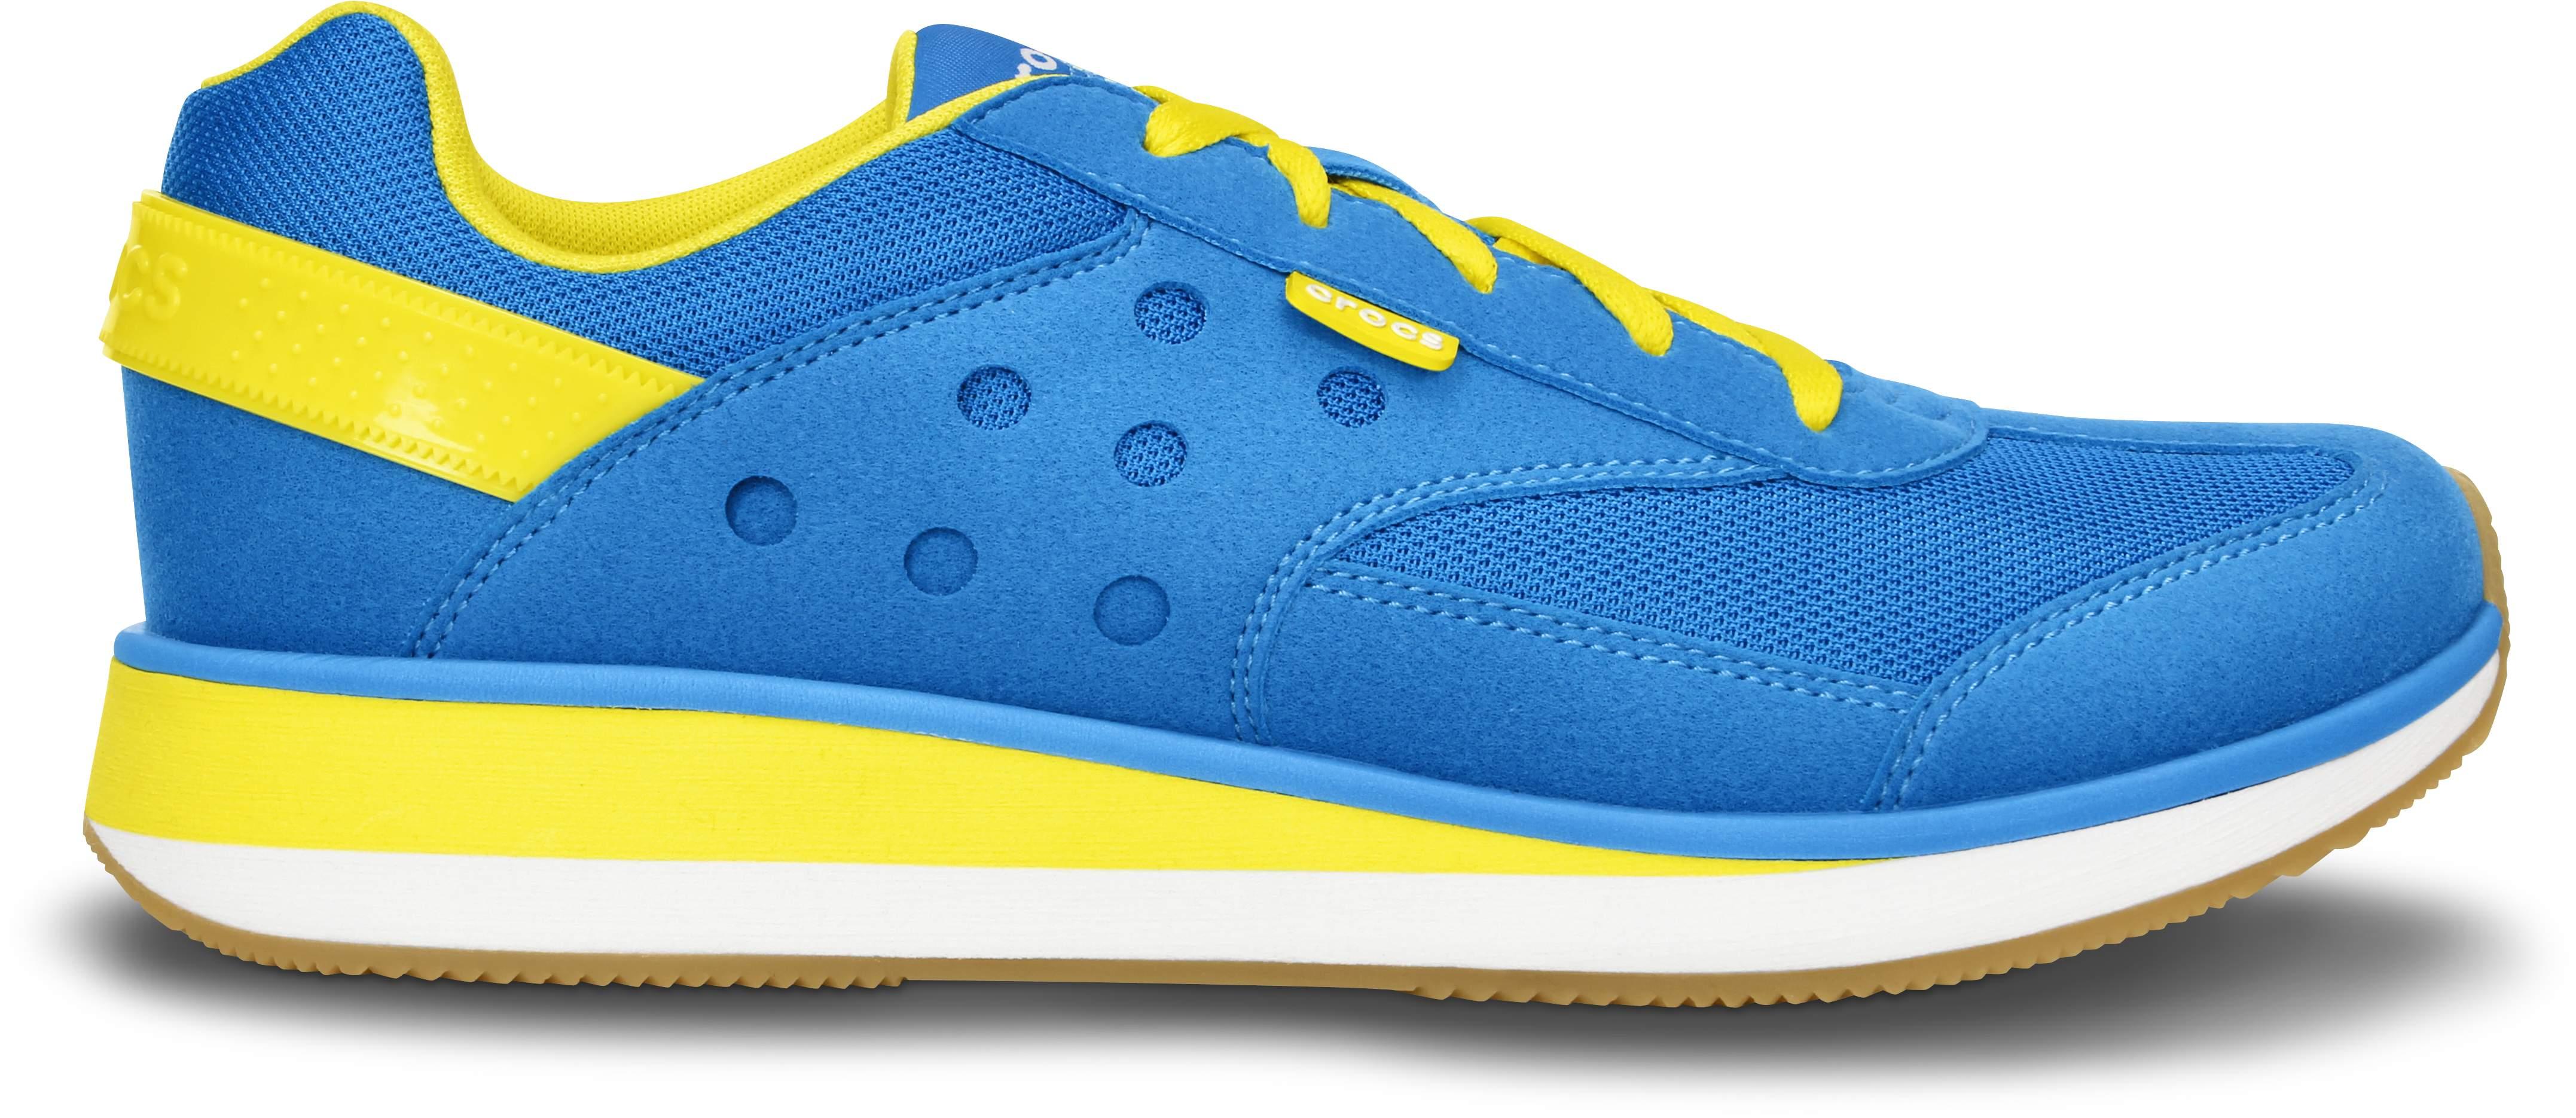 Men's<br /> Crocs Retro Sneaker